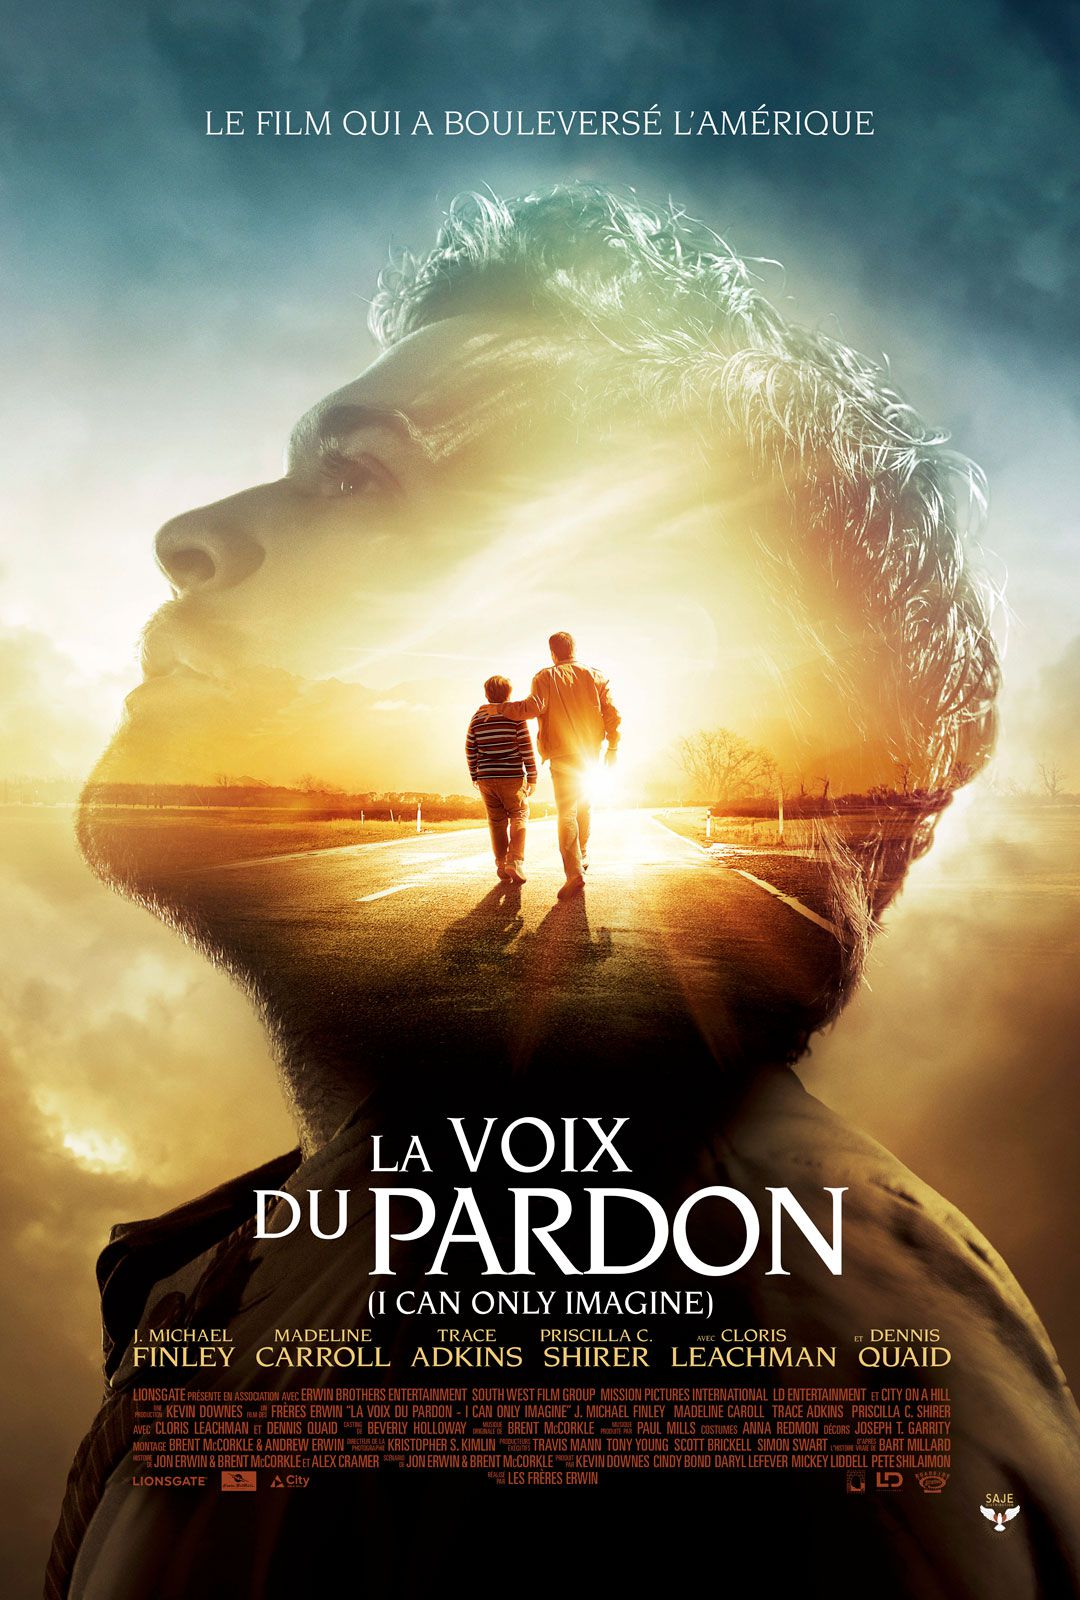 La Voix du pardon - Film (2019)